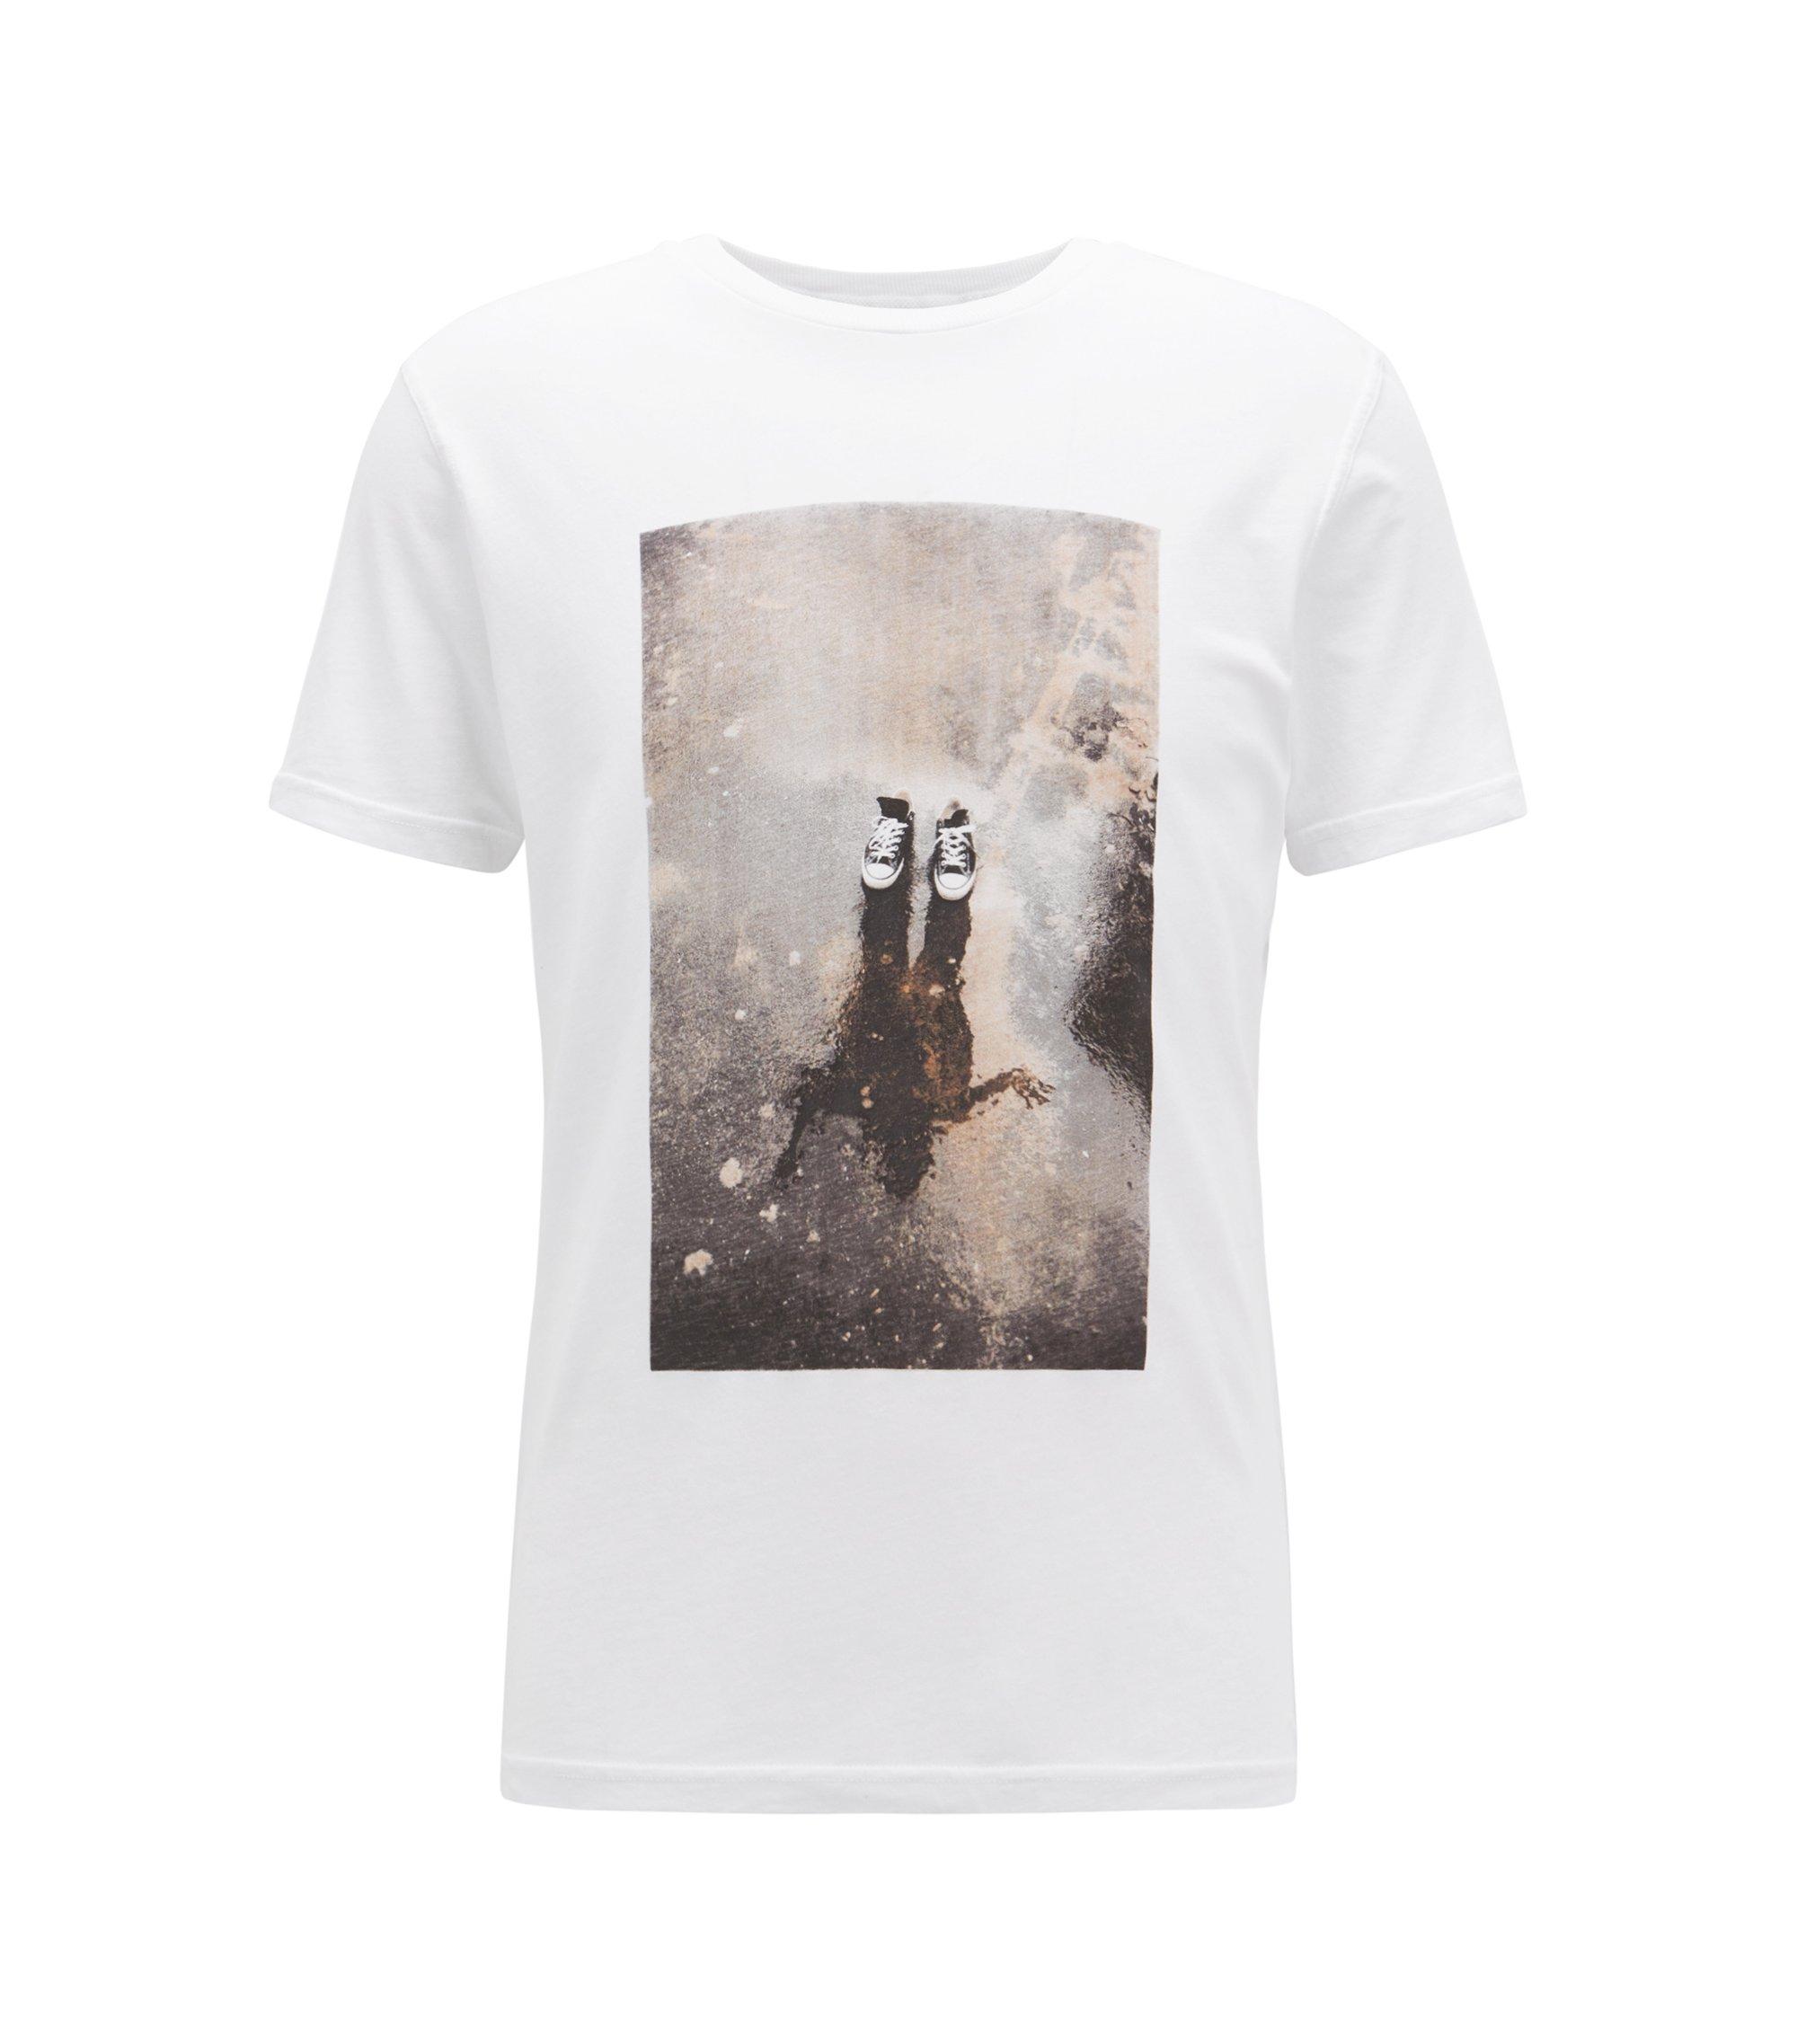 Relaxed-Fit T-Shirt aus recot²® Baumwoll-Jersey, Weiß